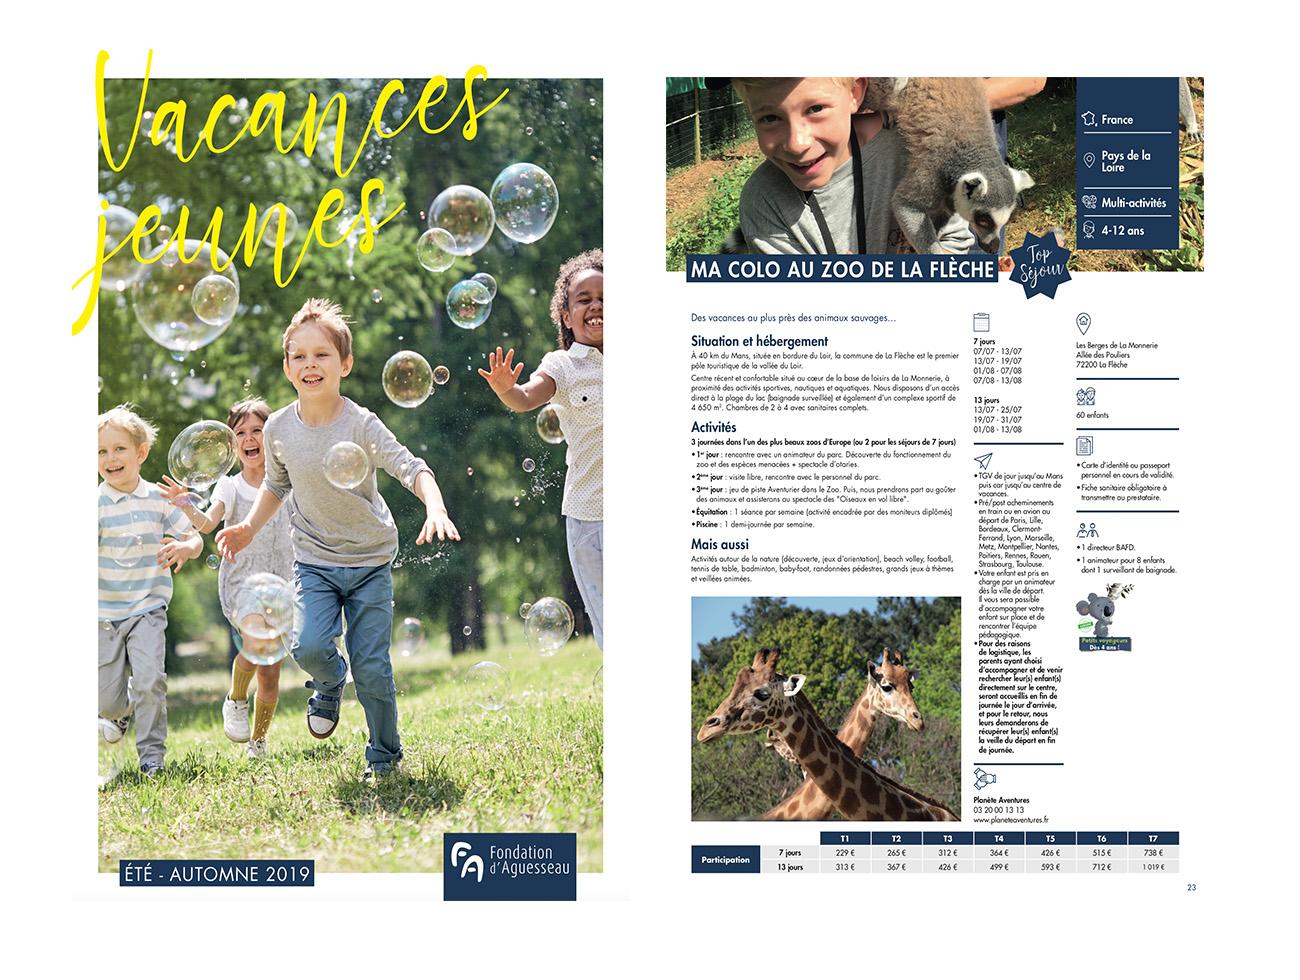 fondation-daguesseau-vacances-famille-magazine-identité-visuel-communication-bretagne-lorient